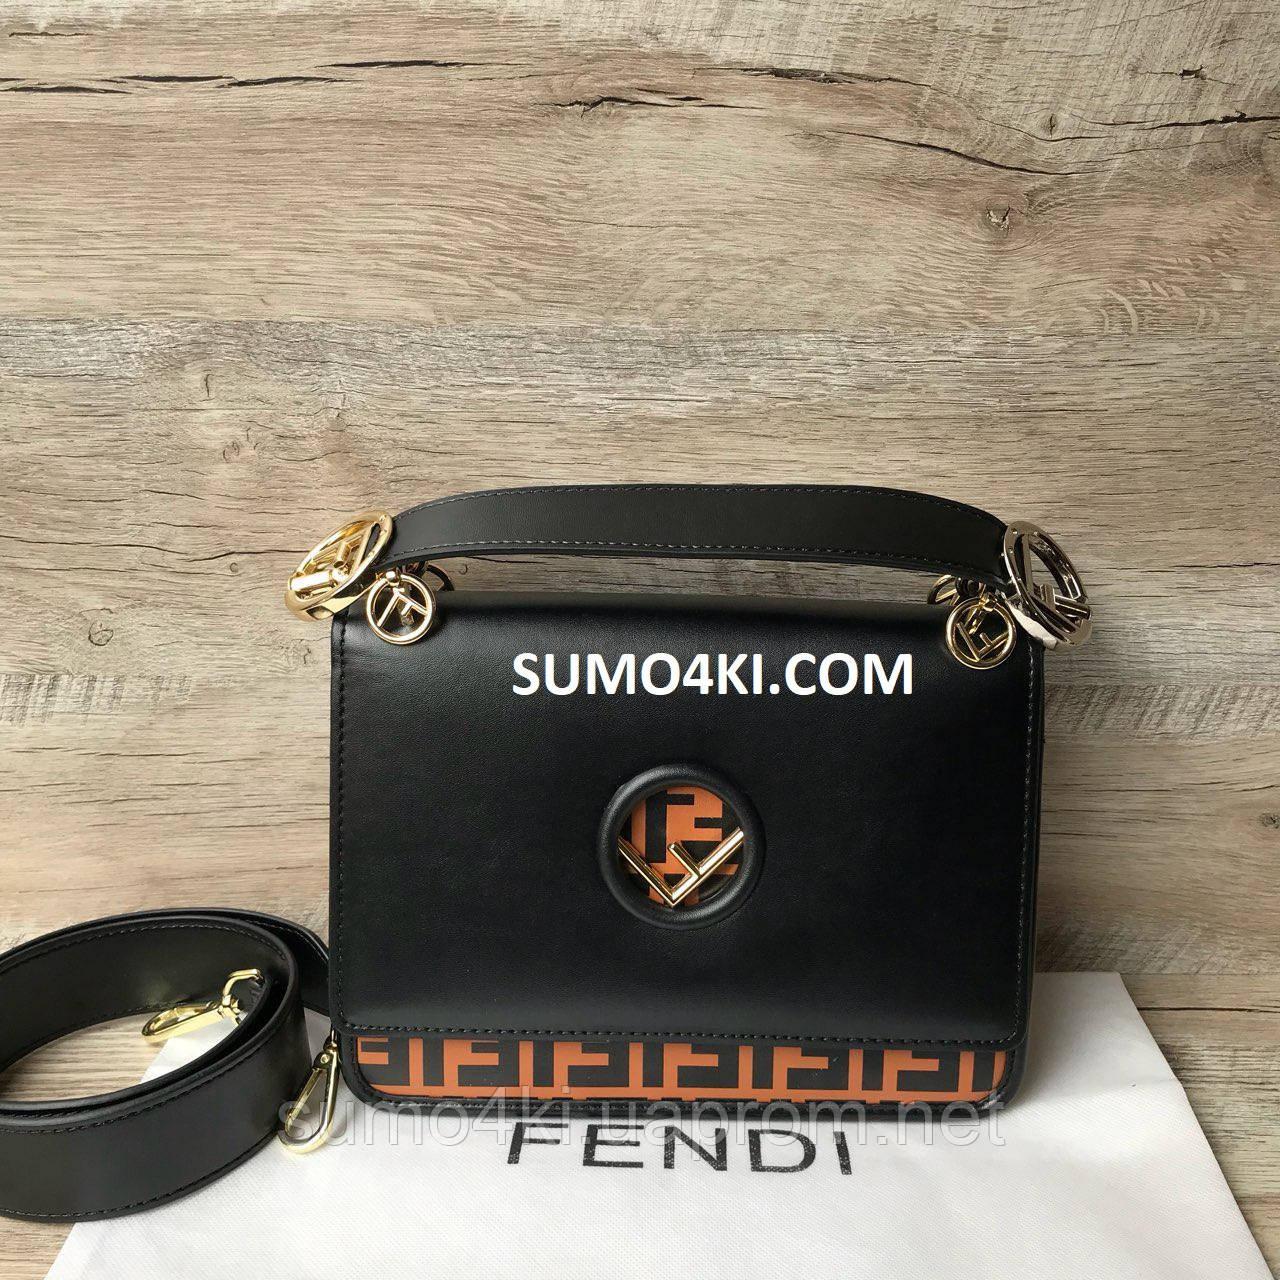 a3e928c7fe06 Купить Женскую стильную сумку Fendi оптом и в розницу в Одессе ...